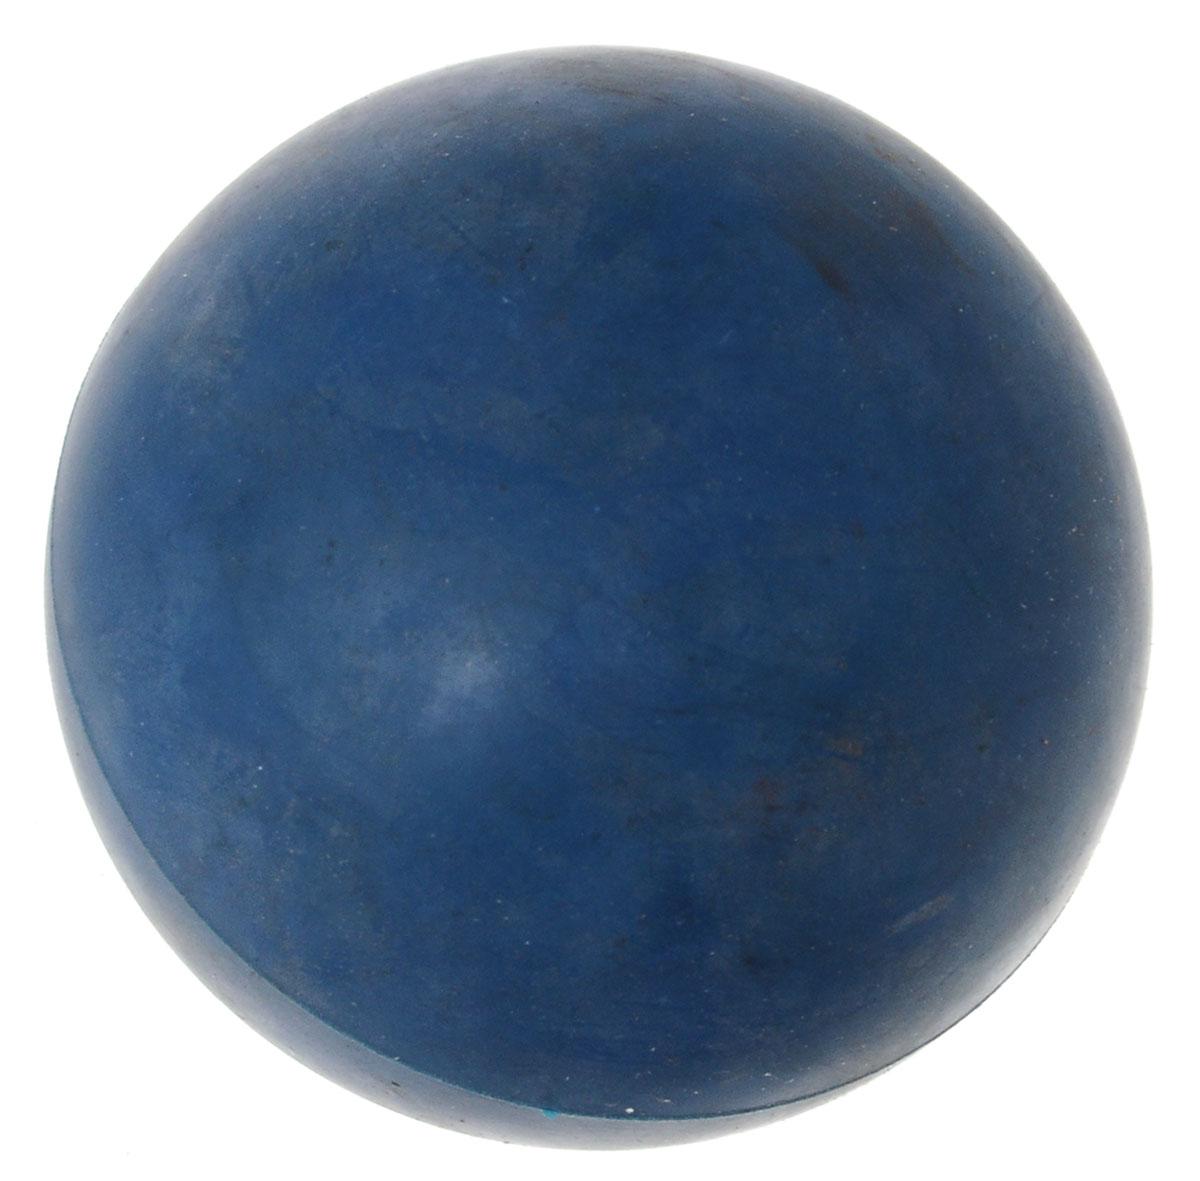 Игрушка для собак ЗооМарк Мячик, цвет: синий, диаметр 6,5 см0120710Игрушка для собак ЗооМарк, изготовленная из высококачественной резины, выполнена в виде мячика. Изделие устойчиво к разгрызанию. Такая игрушка порадует вашего любимца, а вам доставит массу приятных эмоций, ведь наблюдать за игрой всегда интересно и приятно. А в отсутствие людей собака будет ощущать себя комфортно и не портить ваши вещи, стены и мебель. Игрушка не наносит повреждений деснам и зубам собаки, нежно очищая их. Диаметр: 6,5 см.